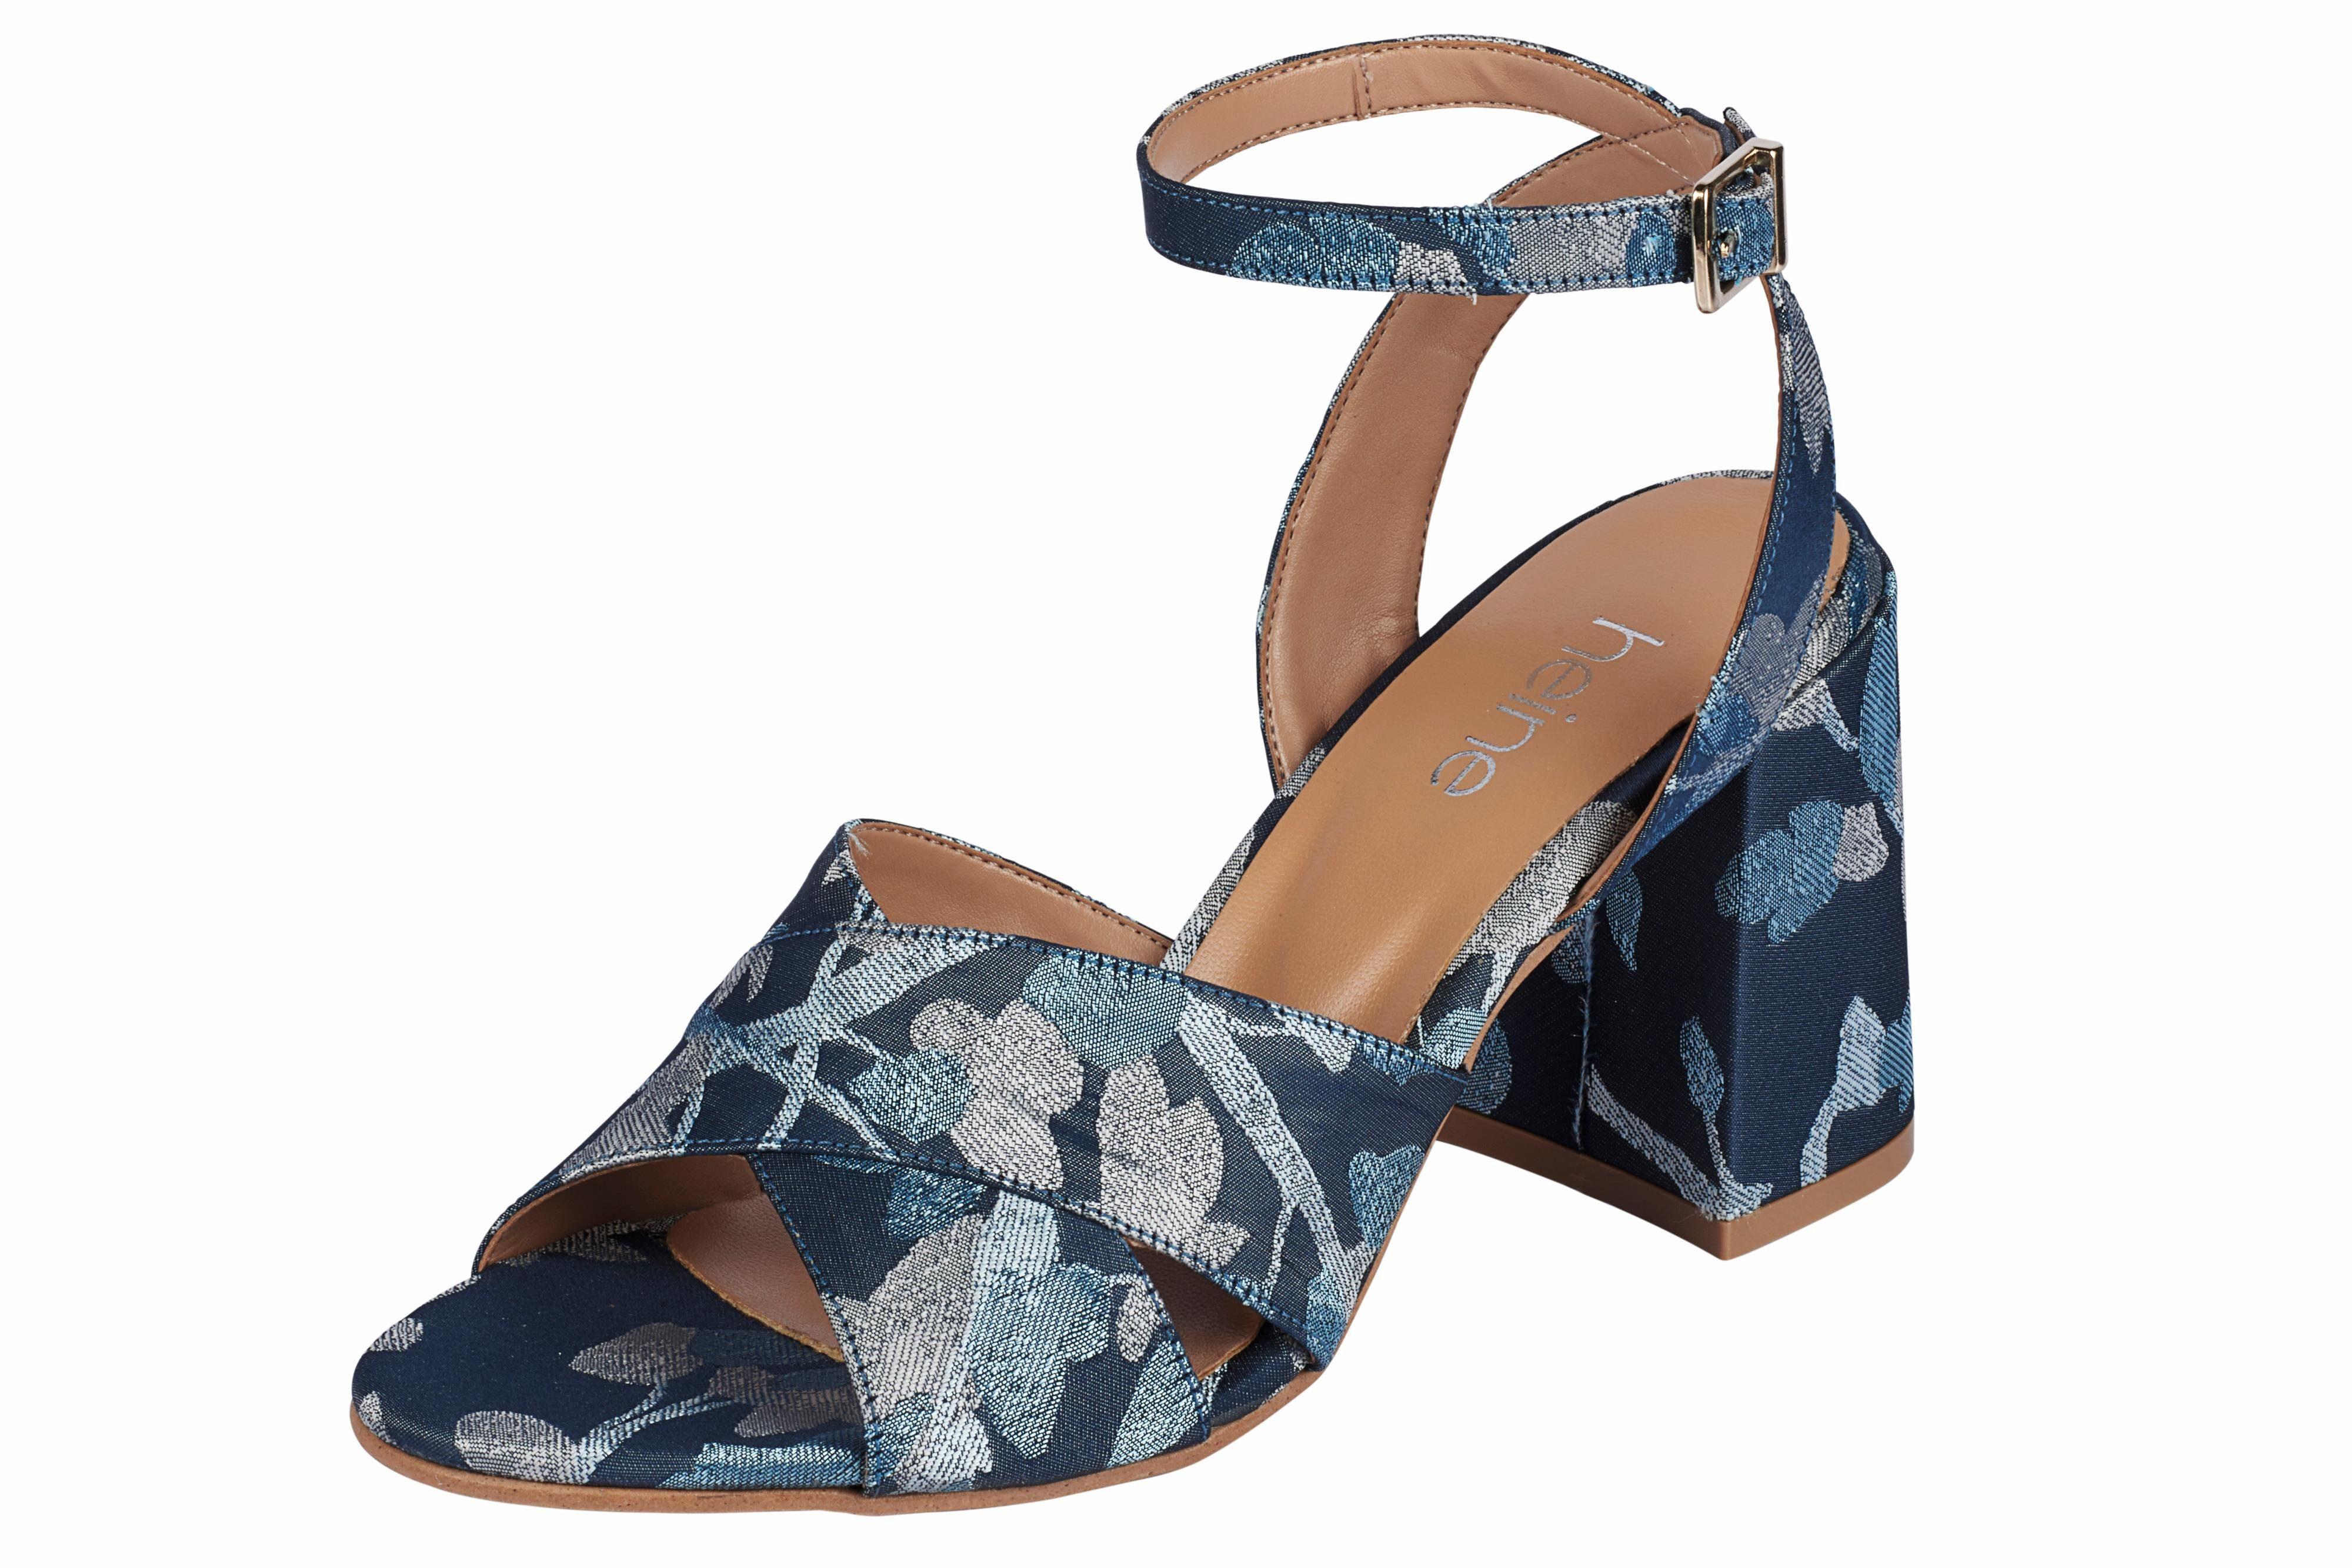 Heine Sandalette aus Satinware online kaufen  azurblau#ft5_slash#marine